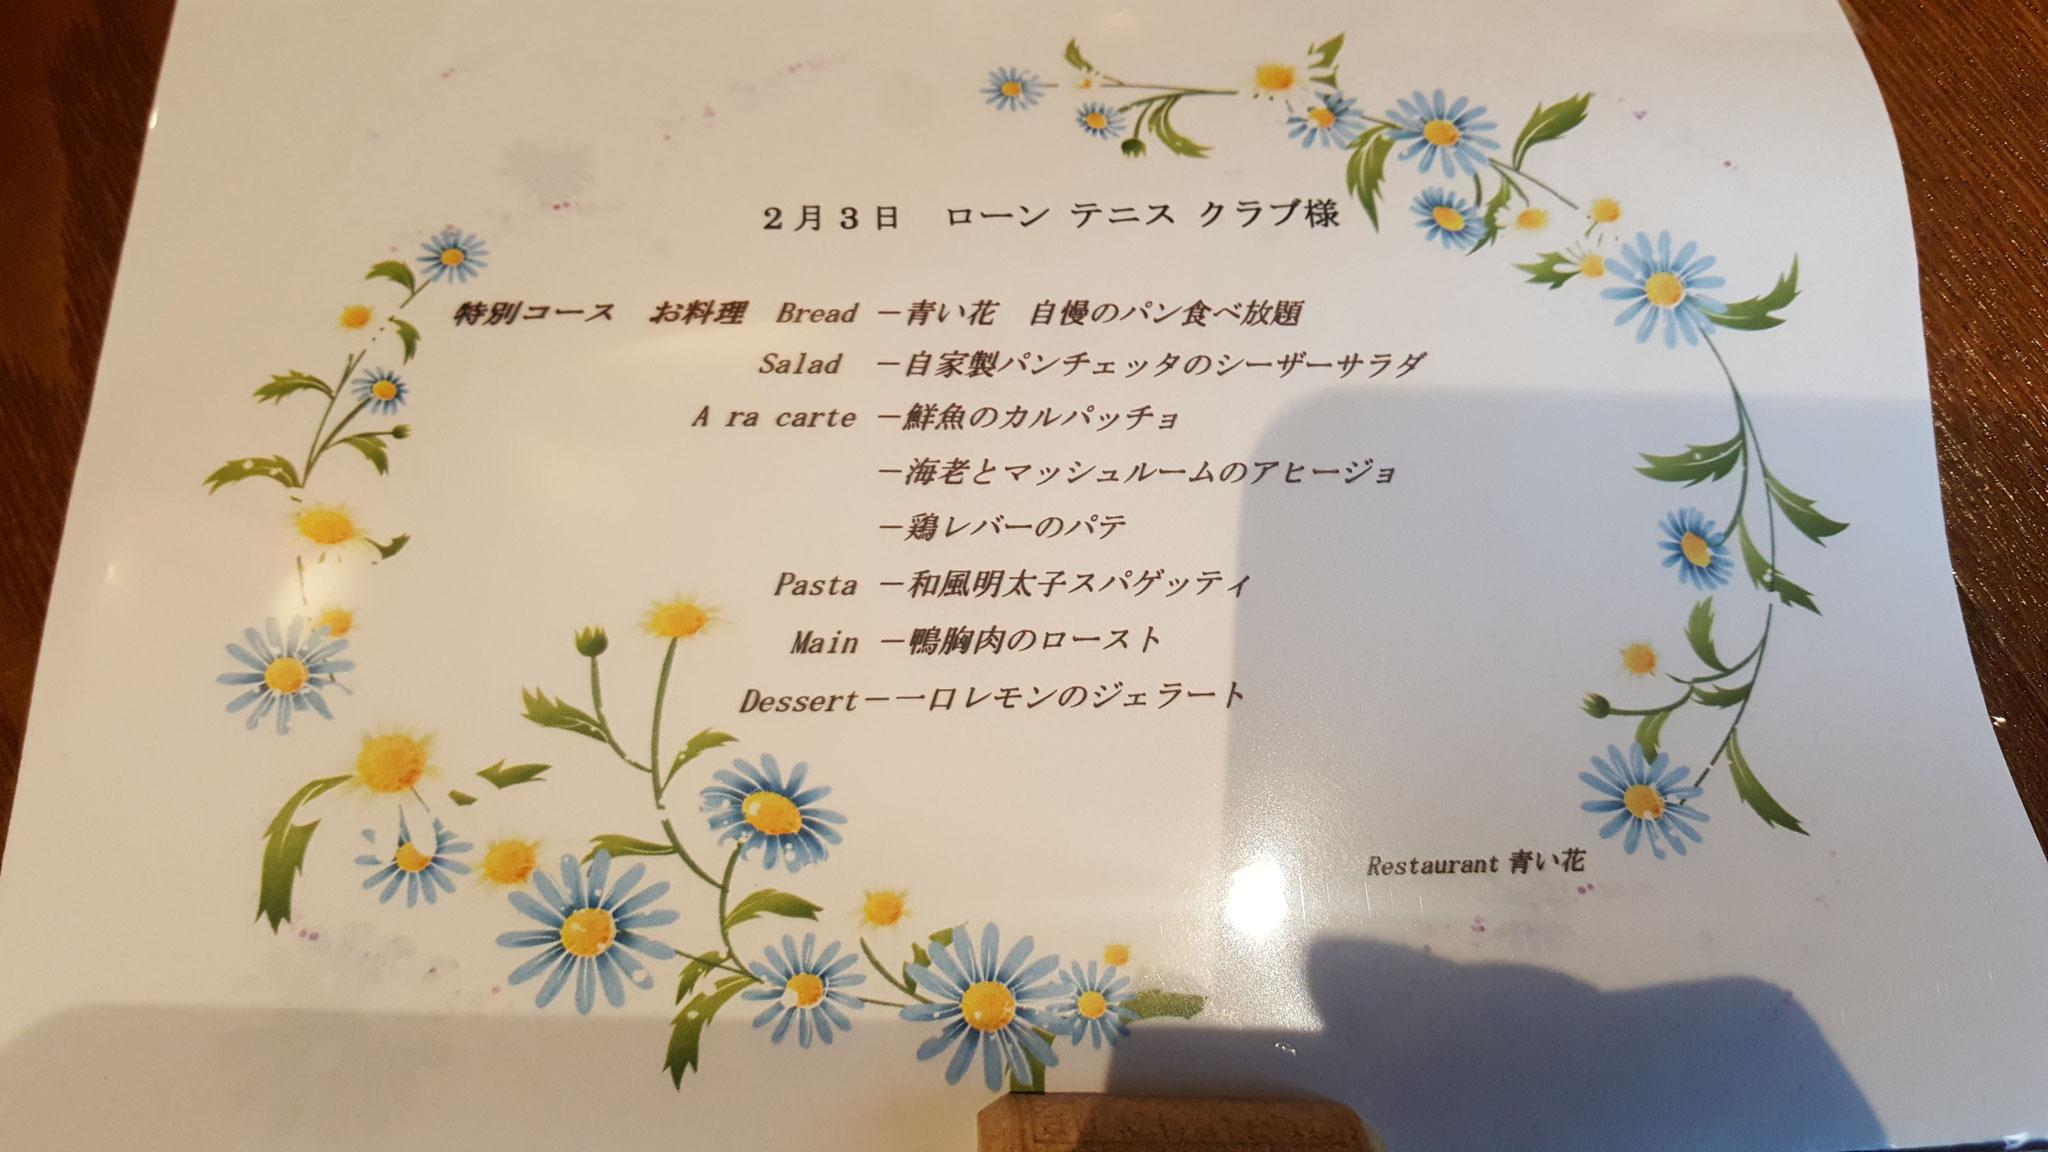 2018年ローン新年会の食事メニュー @ 青い花